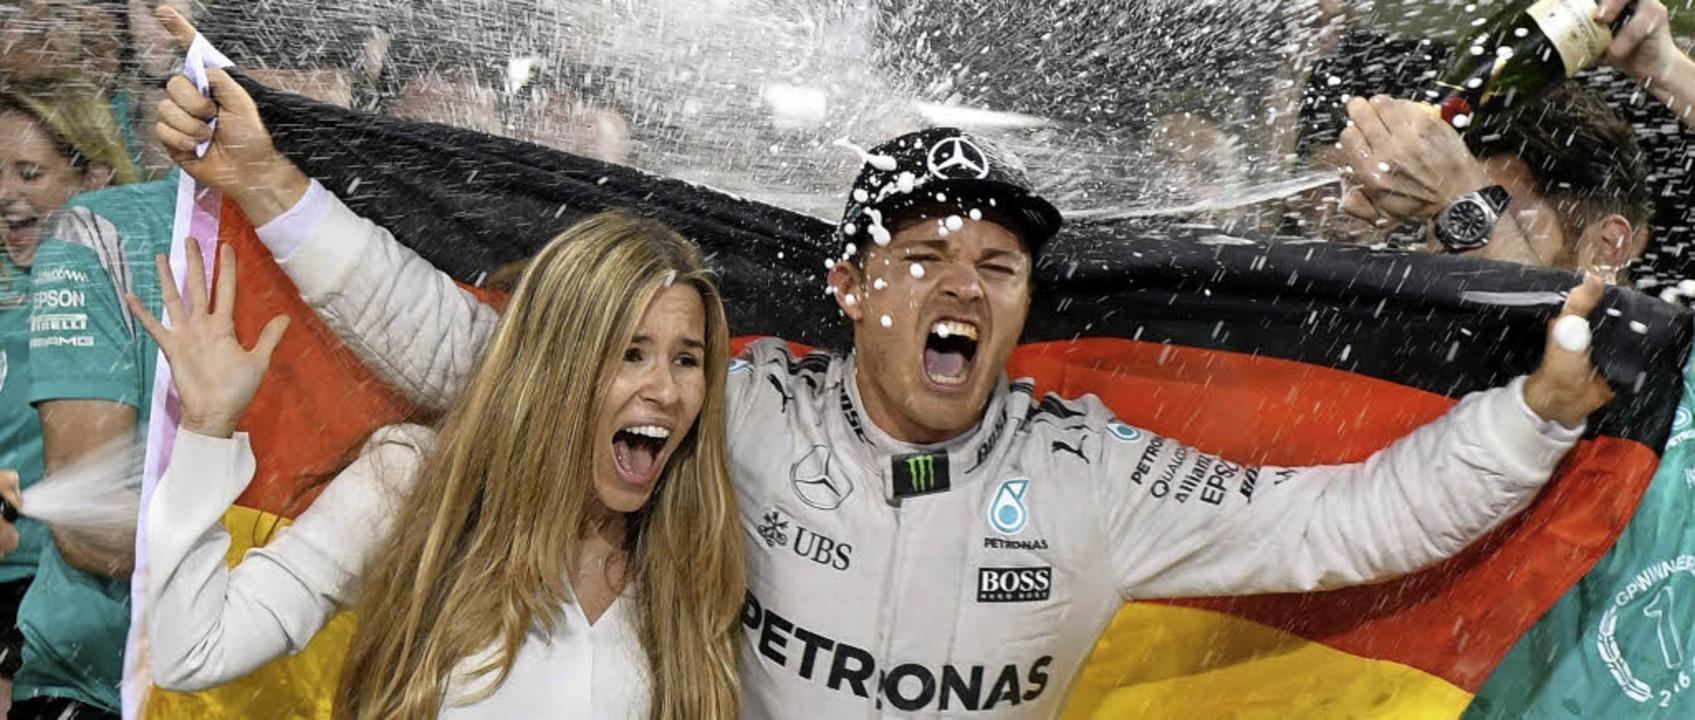 Champagnerdusche: Nico Rosberg und sei...ld werden vom Mercedes-Team gefeiert.     Foto: dpa